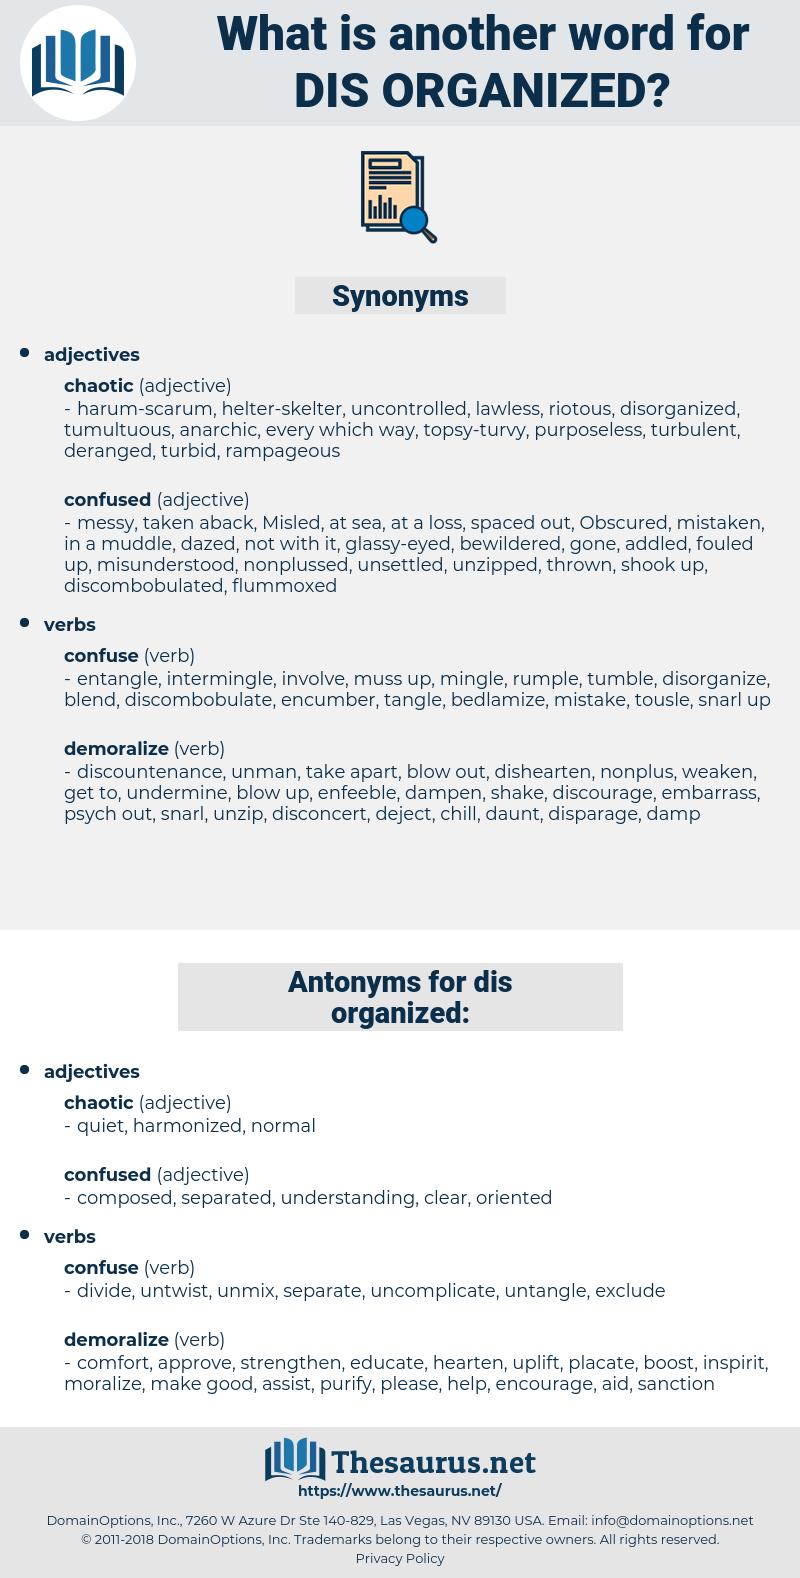 dis-organized, synonym dis-organized, another word for dis-organized, words like dis-organized, thesaurus dis-organized